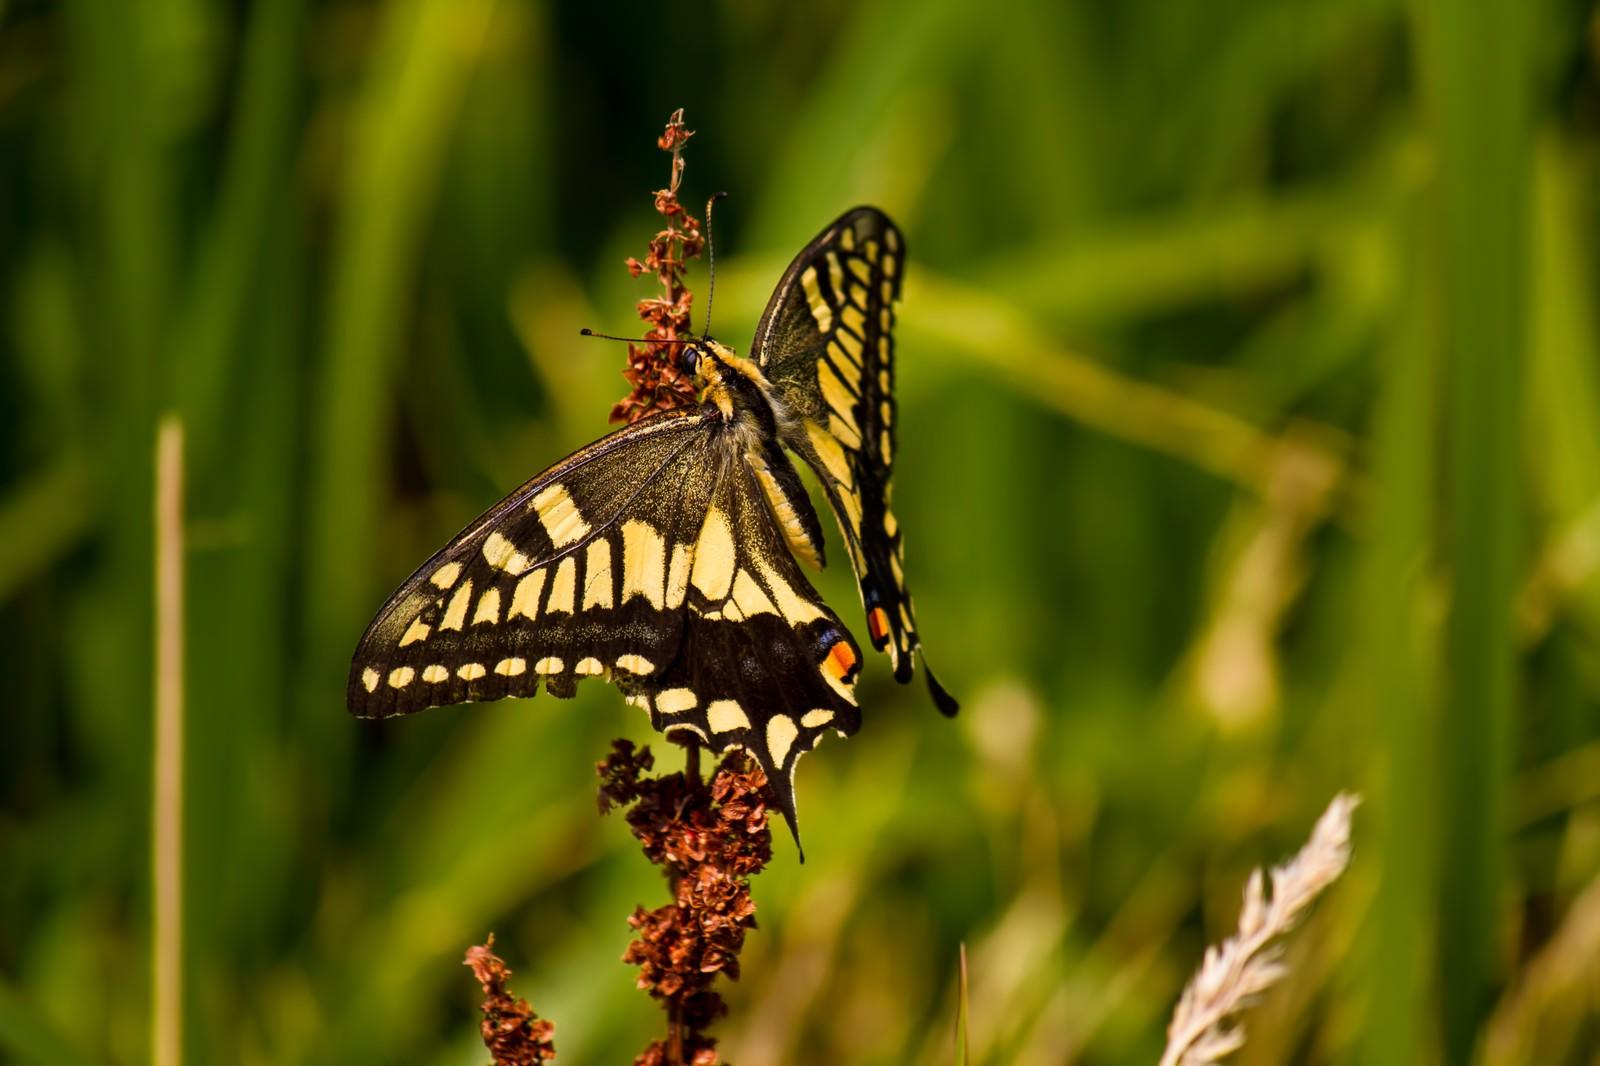 「蜜を吸うアゲハチョウ」の写真